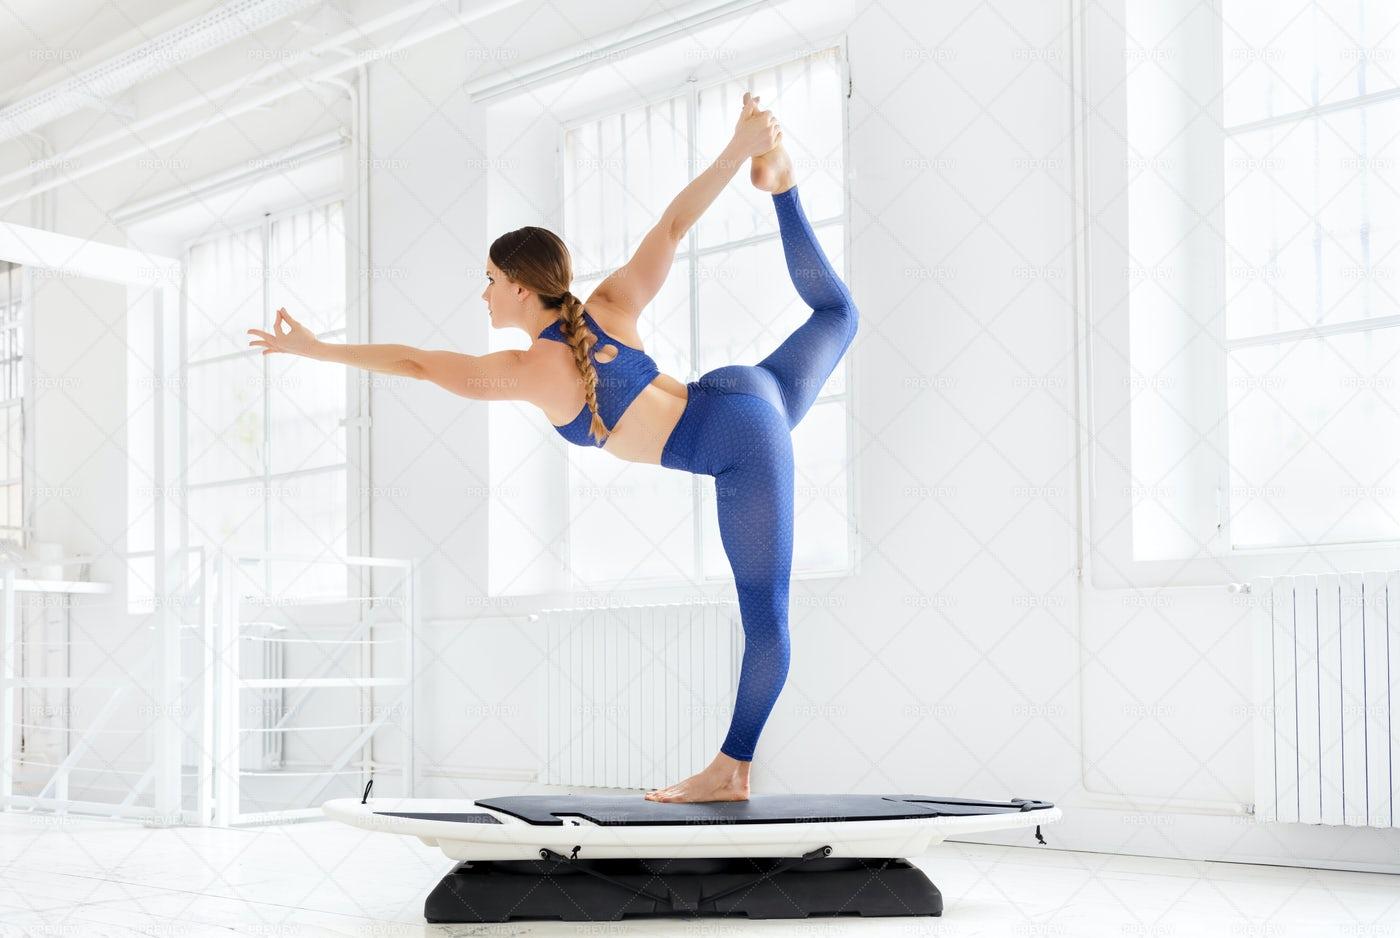 Woman Doing A Dancer Pose: Stock Photos